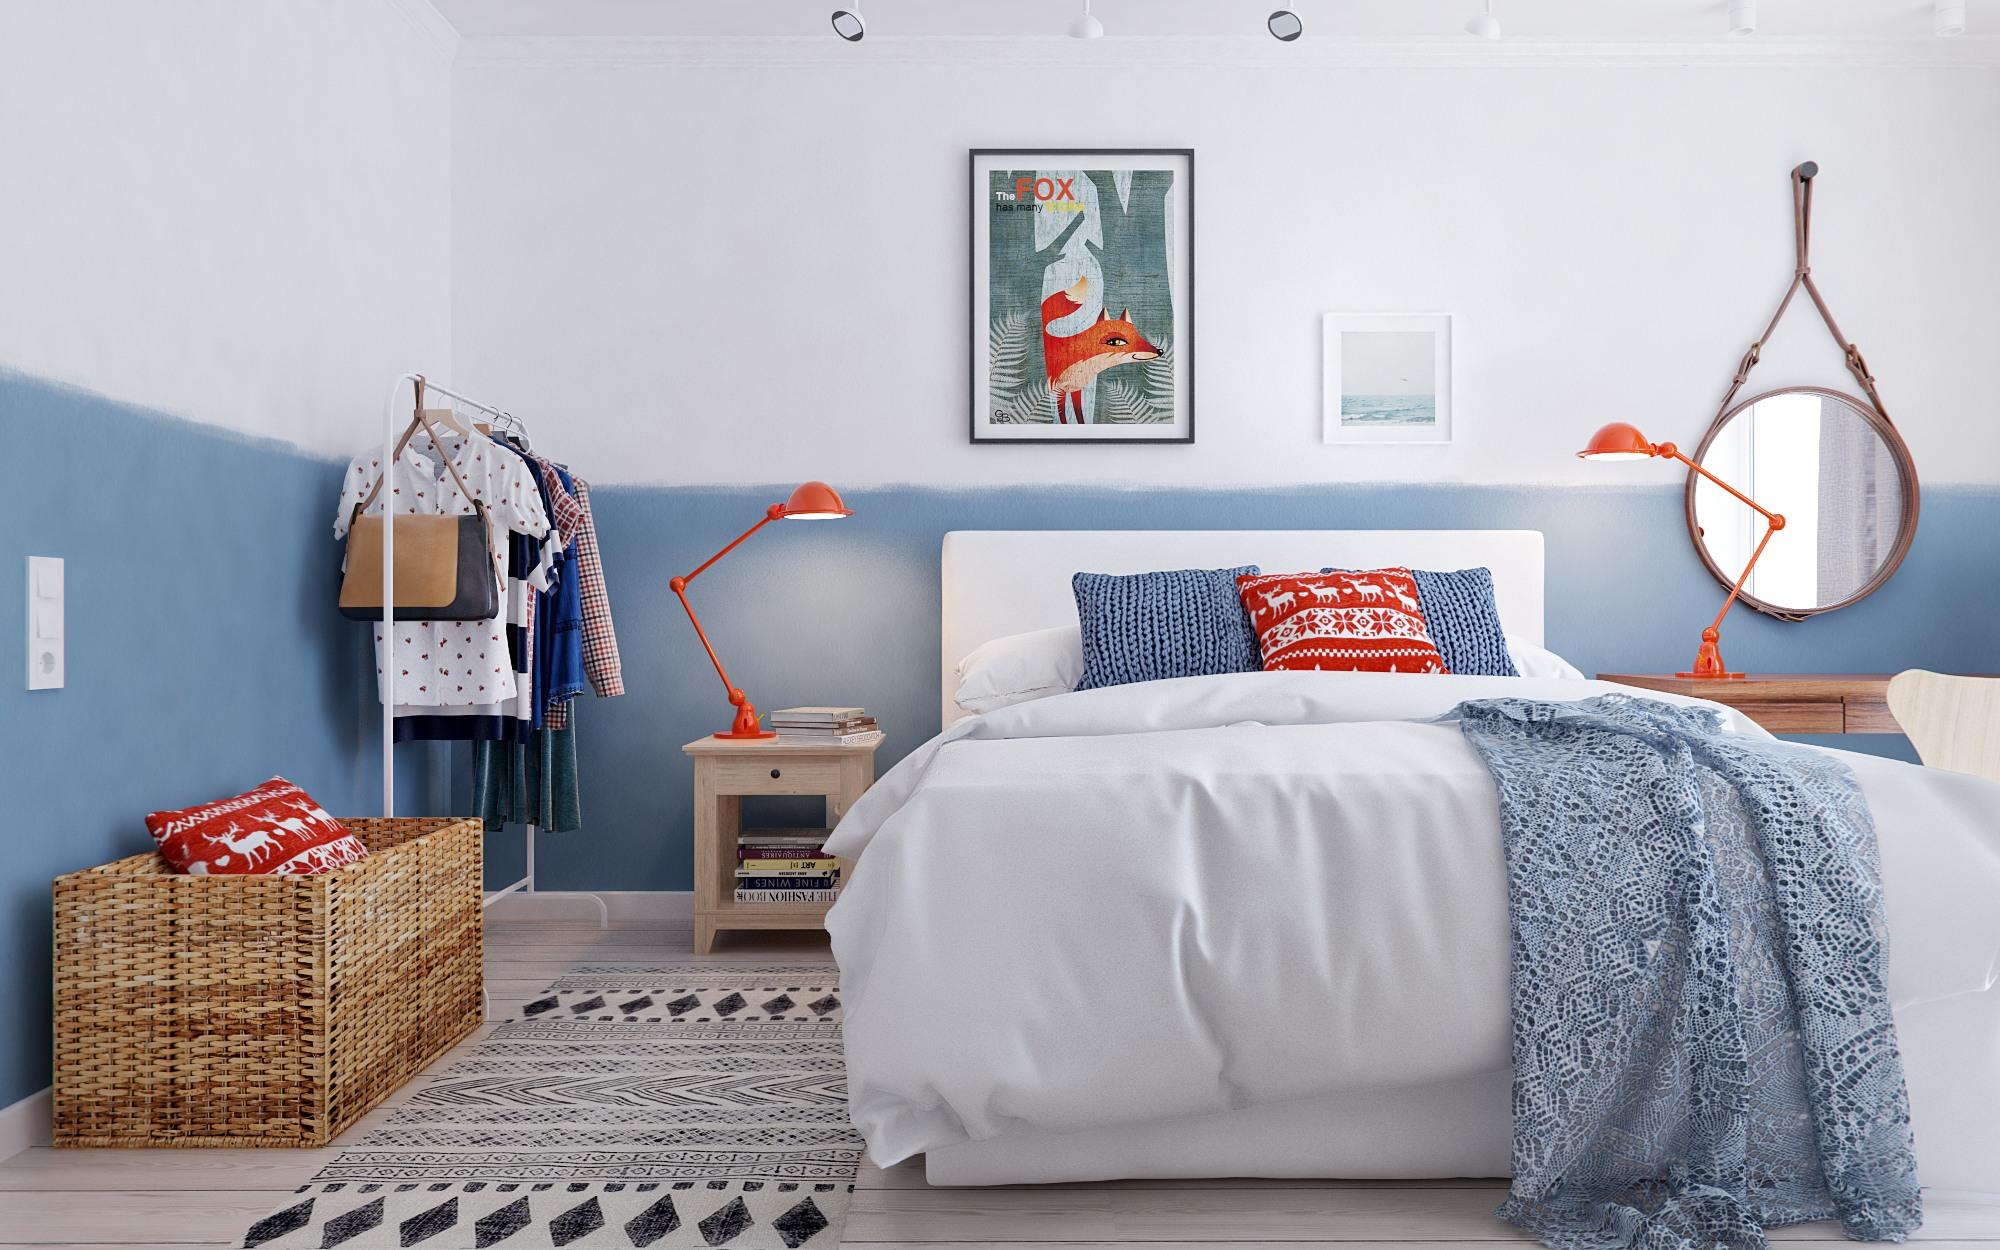 卧室最关键的是舒适,卸下白天的疲倦,将自己埋在这一袭温暖之中,让人瞬间获得归属感。